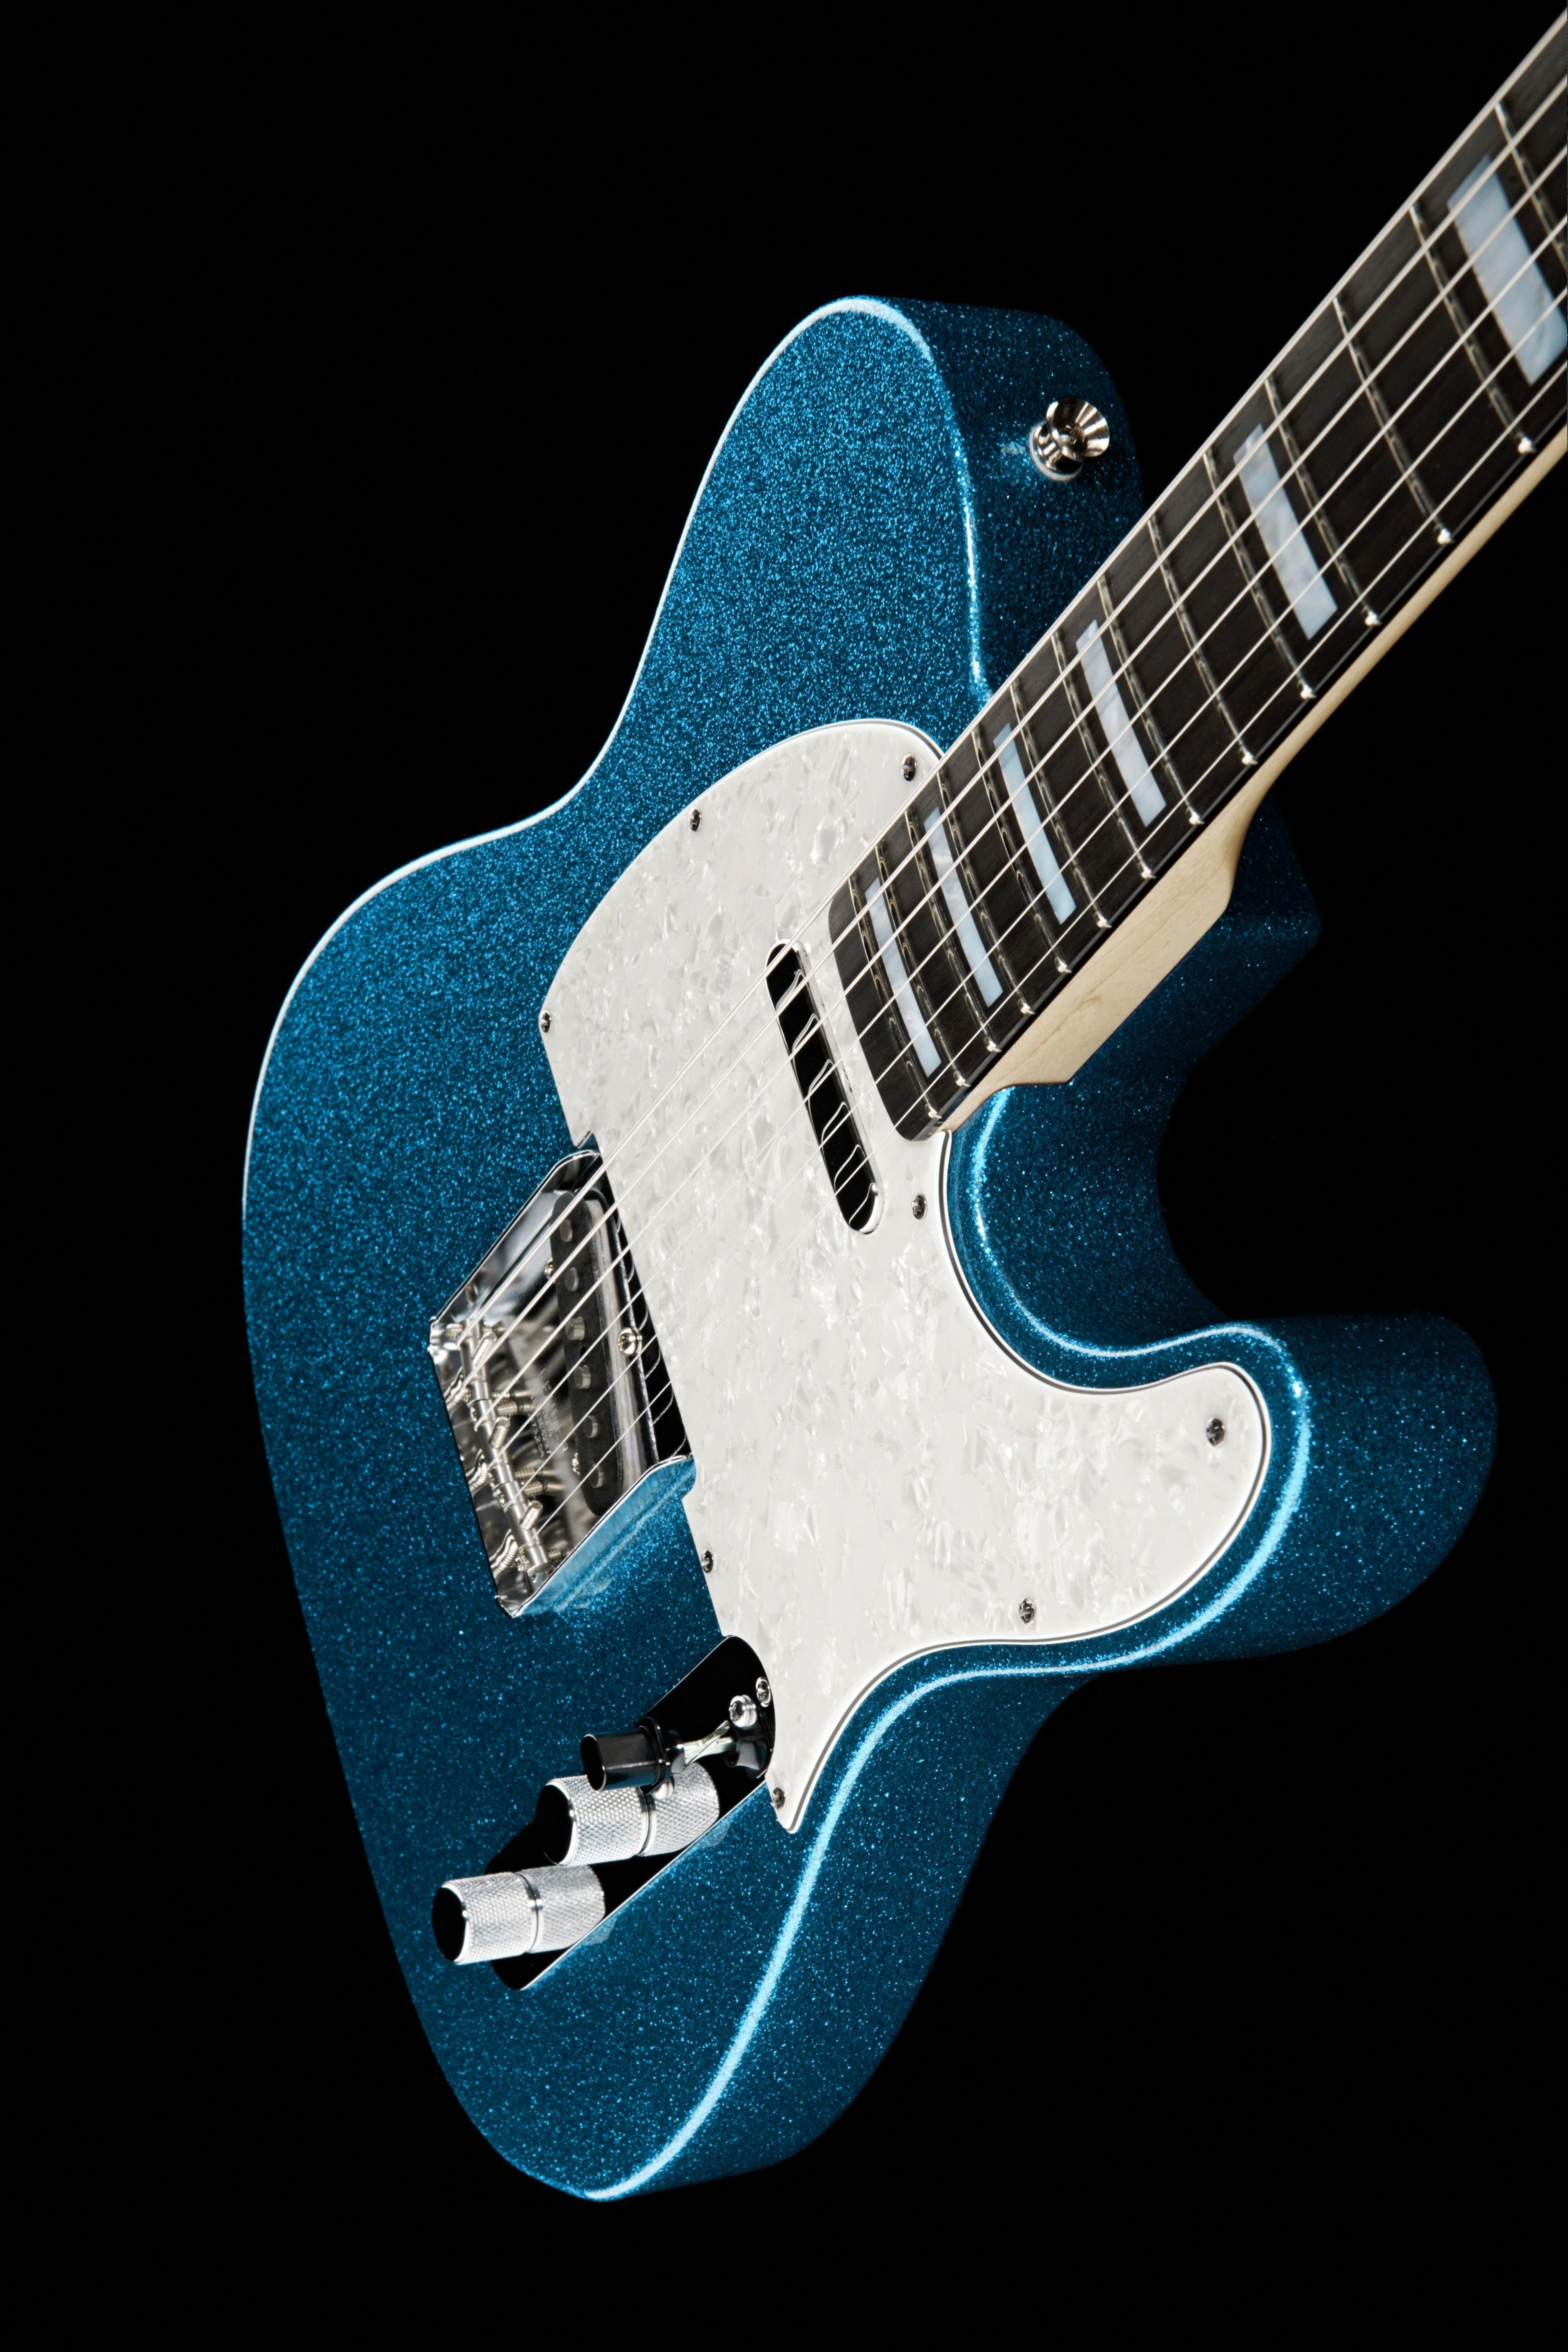 Fender Guitar Repair Kit Fender Guitar Bone Nut Guitarcenter Guitarshow Fenderguitars Fender Telecaster Guitar Fender Guitars